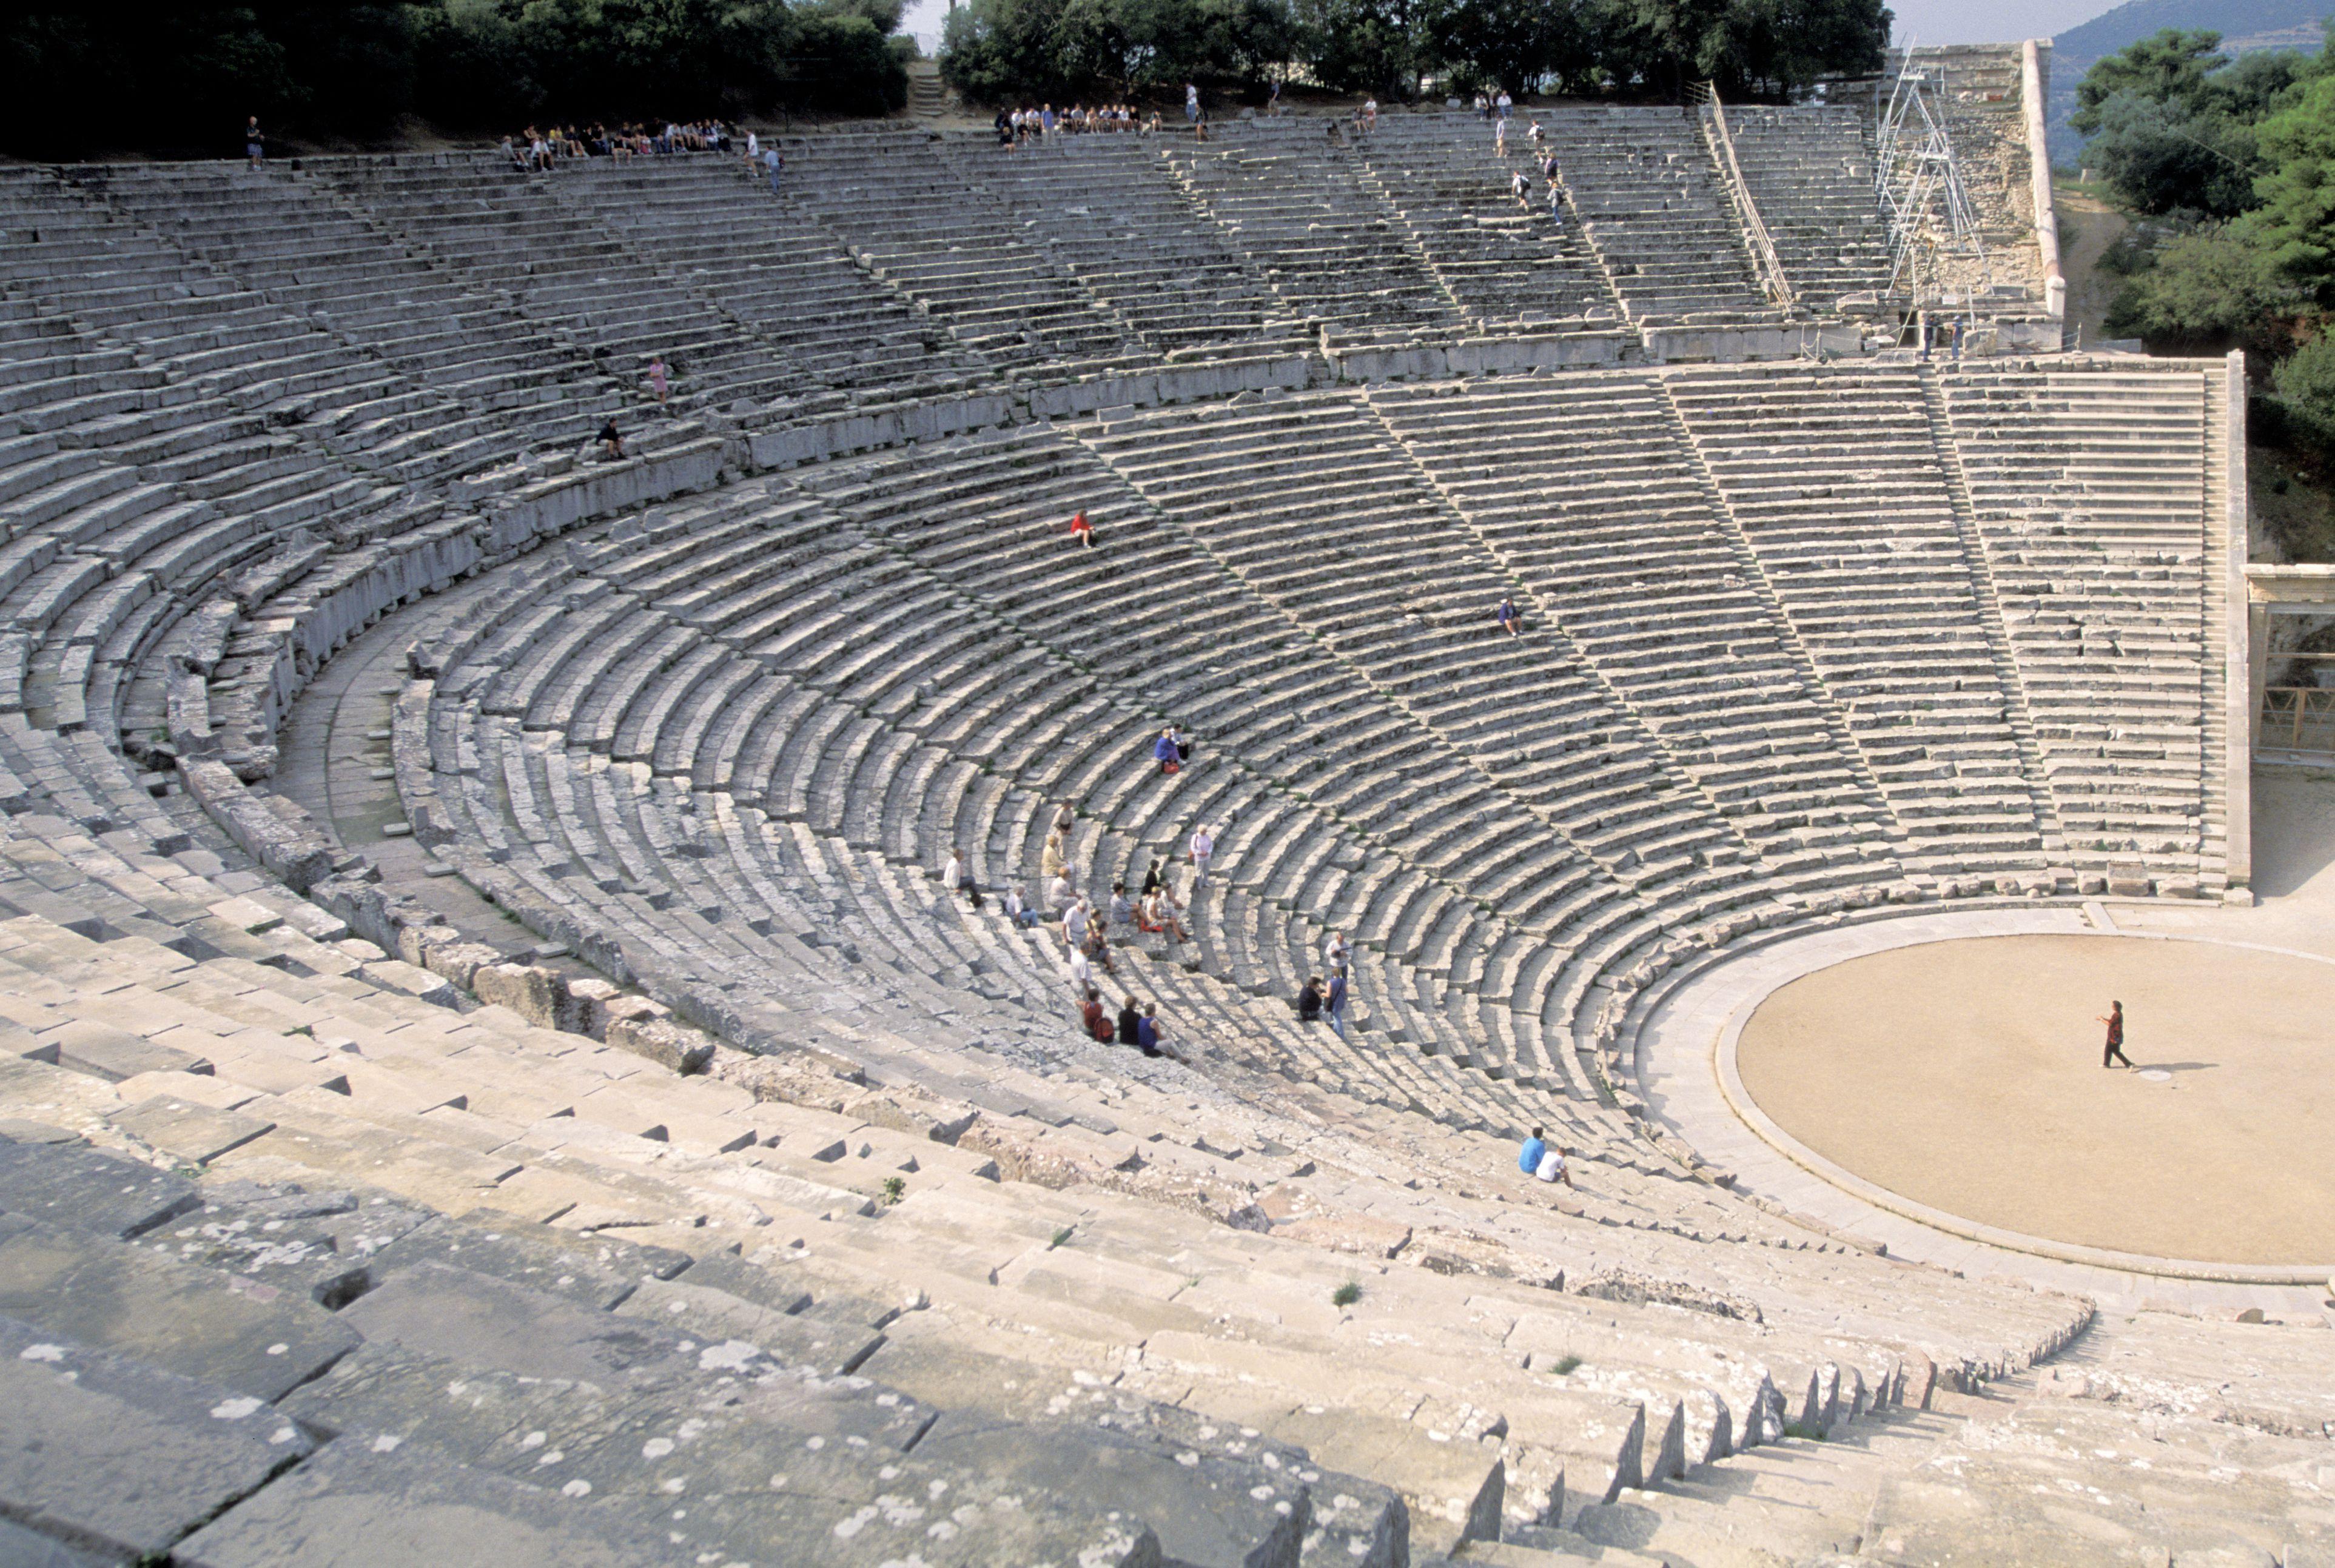 Grecia, Epidauro, Teatro